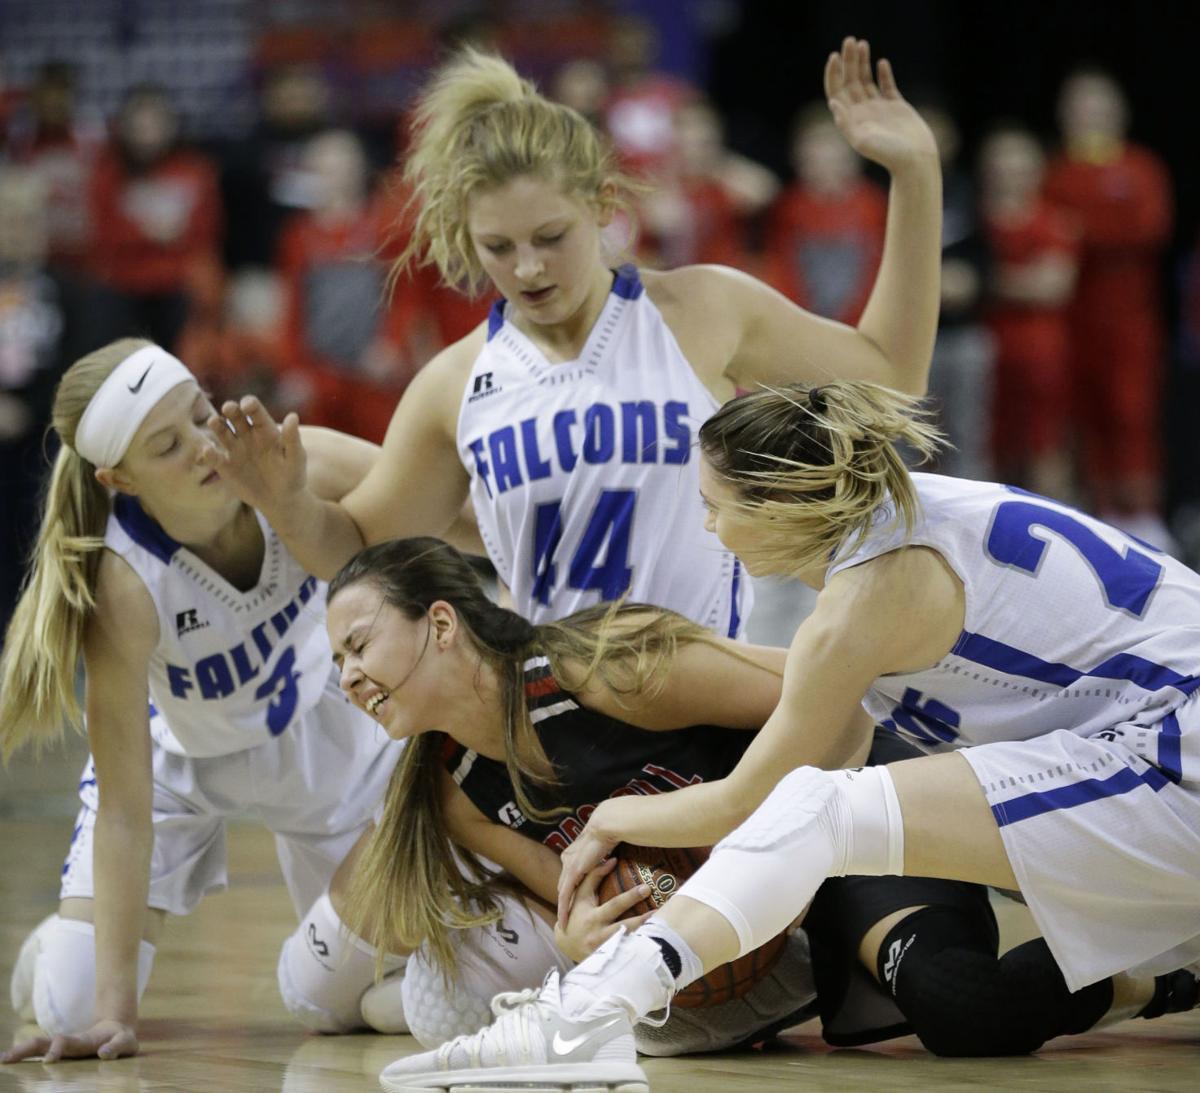 Prep girls basketball photo: Marshall's Mia Morel